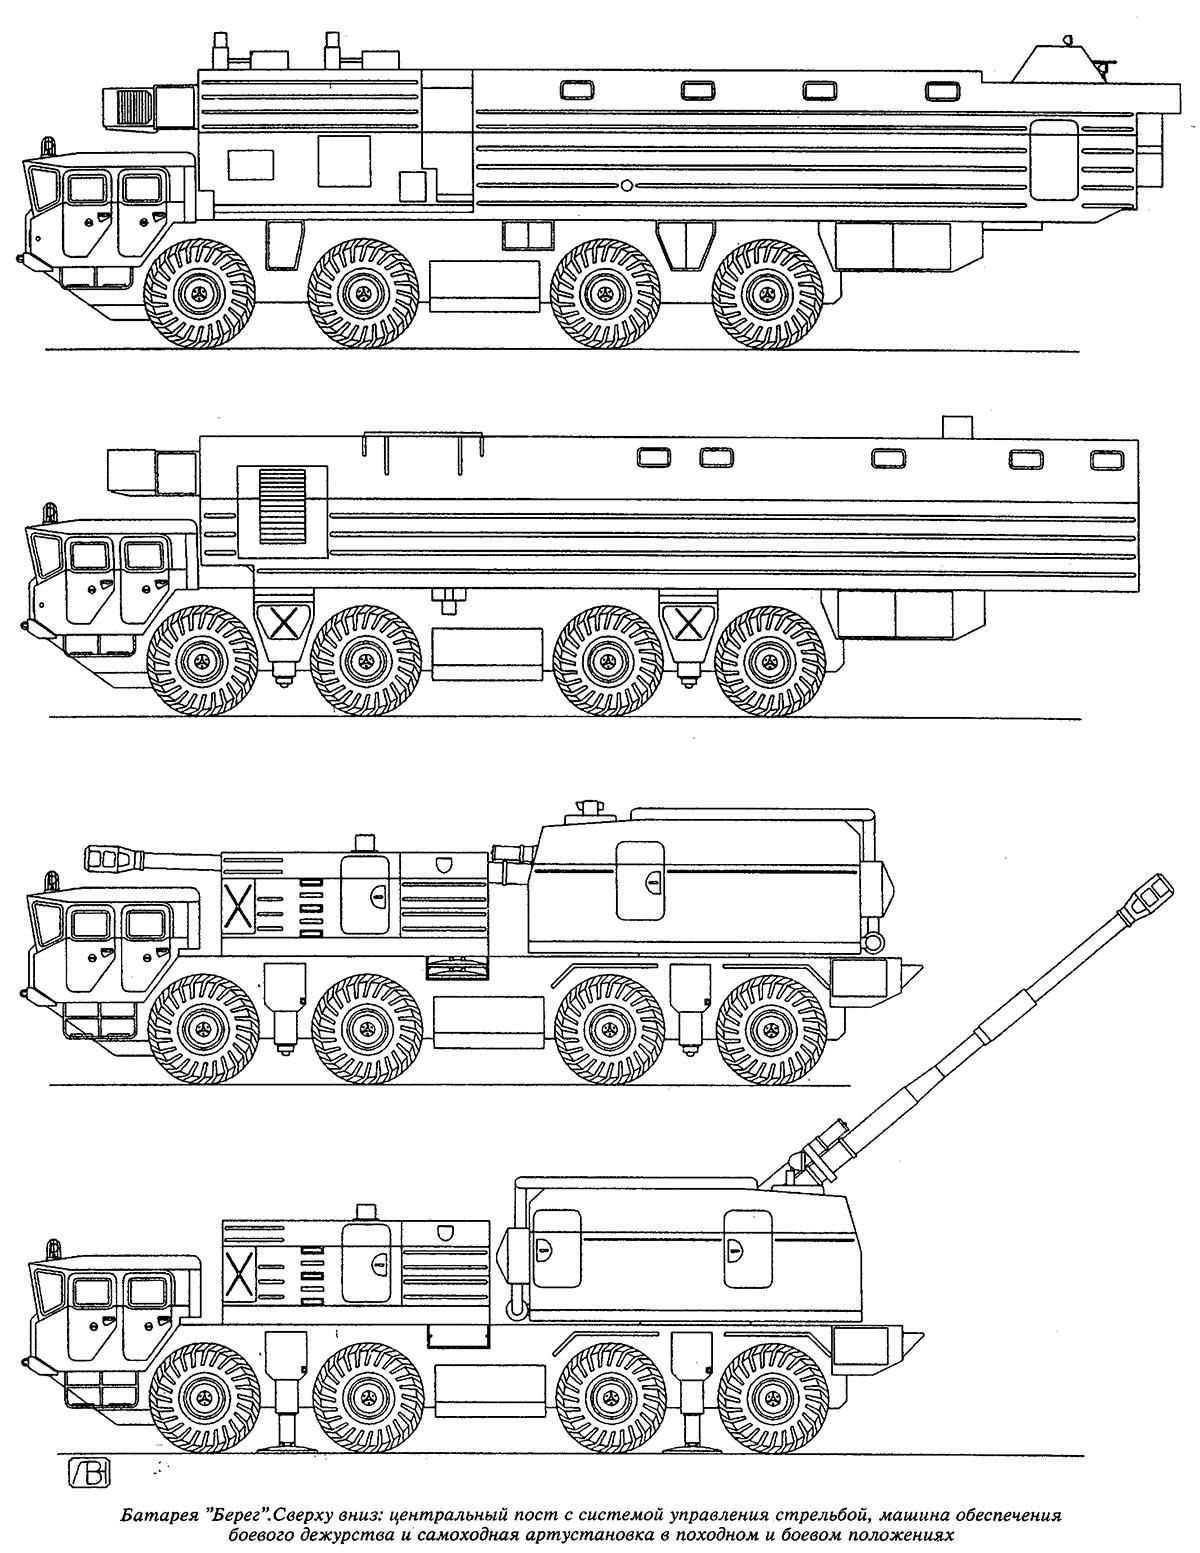 Профиль машин на шасси МАЗ-543М входящих в комплекс А-222 «Берег»